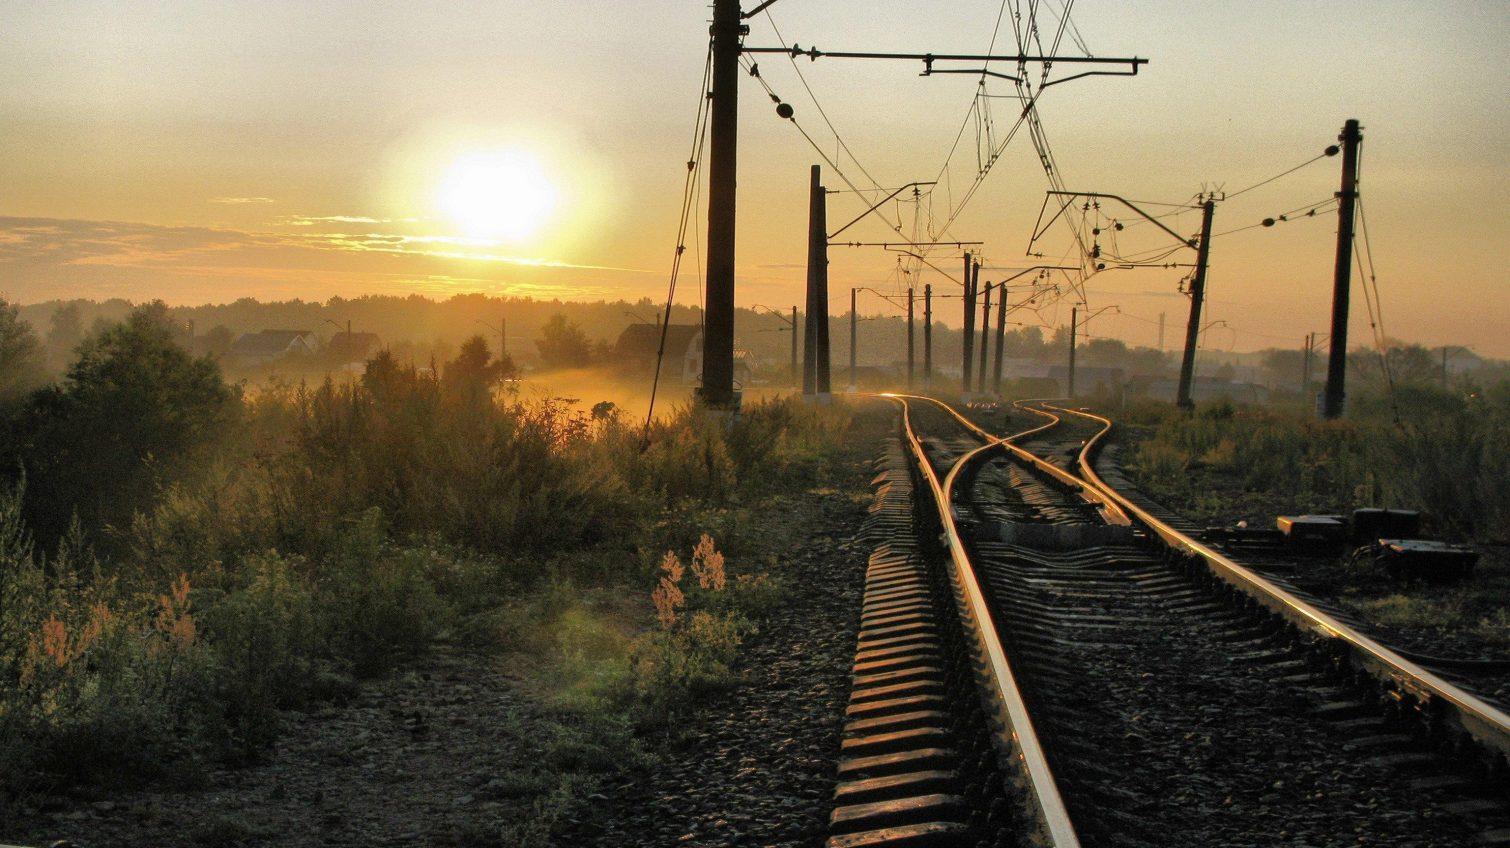 «Одесская железная дорога» отсудила у налоговиков почти 78 миллионов гривен «фото»